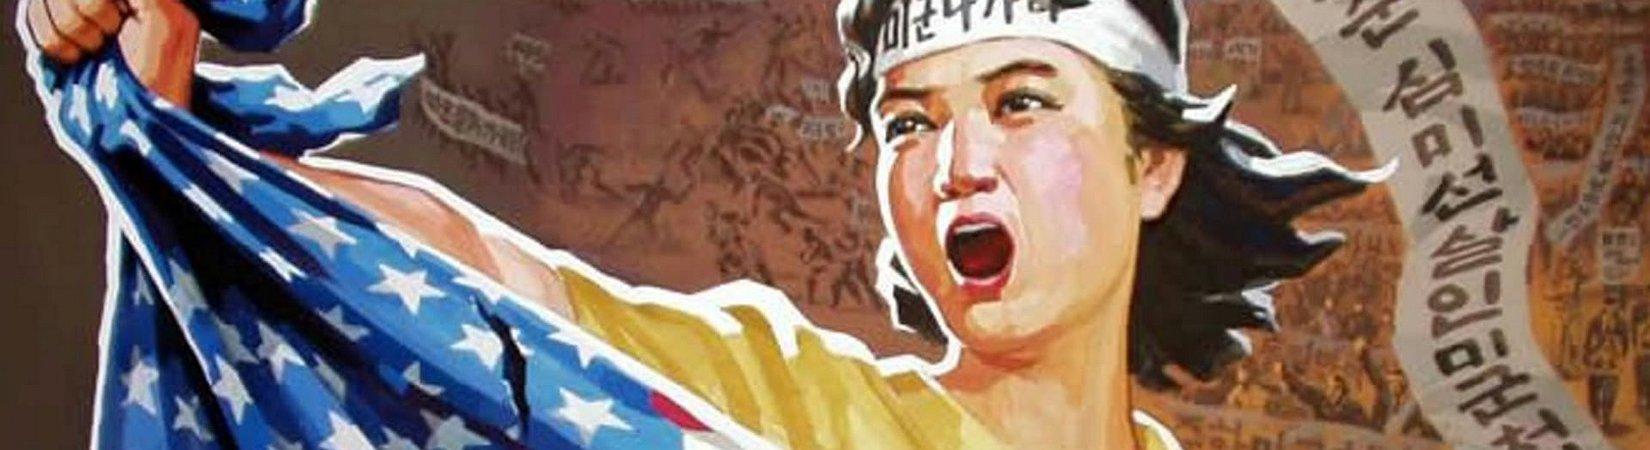 """""""¿Quieres pelear con nosotros?"""": Colección de carteles de propaganda de Corea del Norte"""